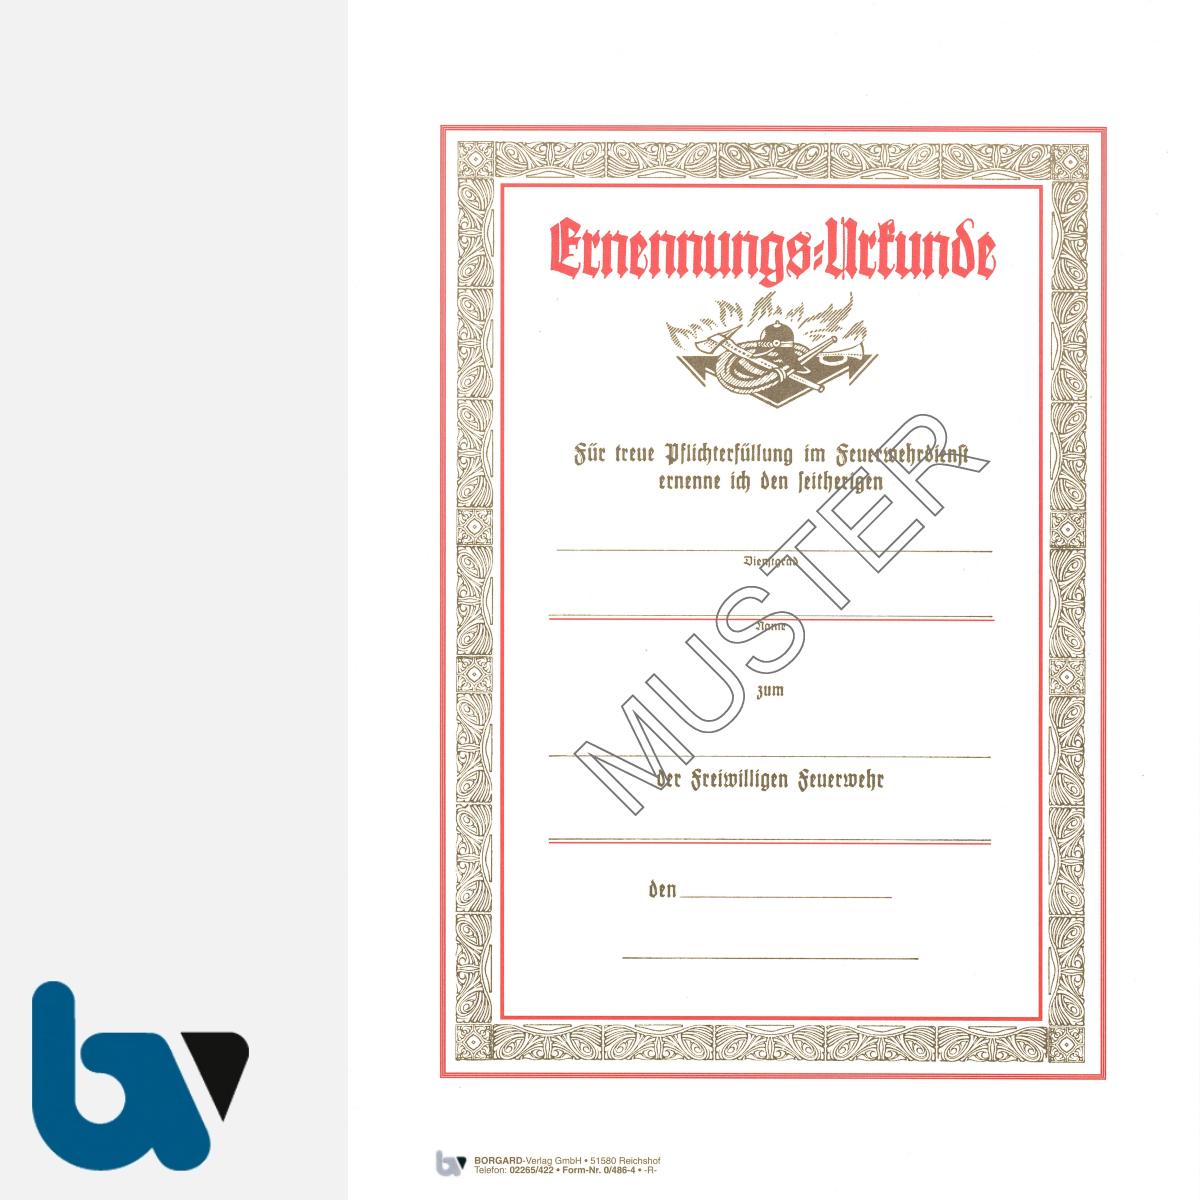 0/486-4 Ernennungsurkunde Feuerwehr Karton Hammerschlag selbstdurchschreibend DIN A4 2-fach | Borgard Verlag GmbH